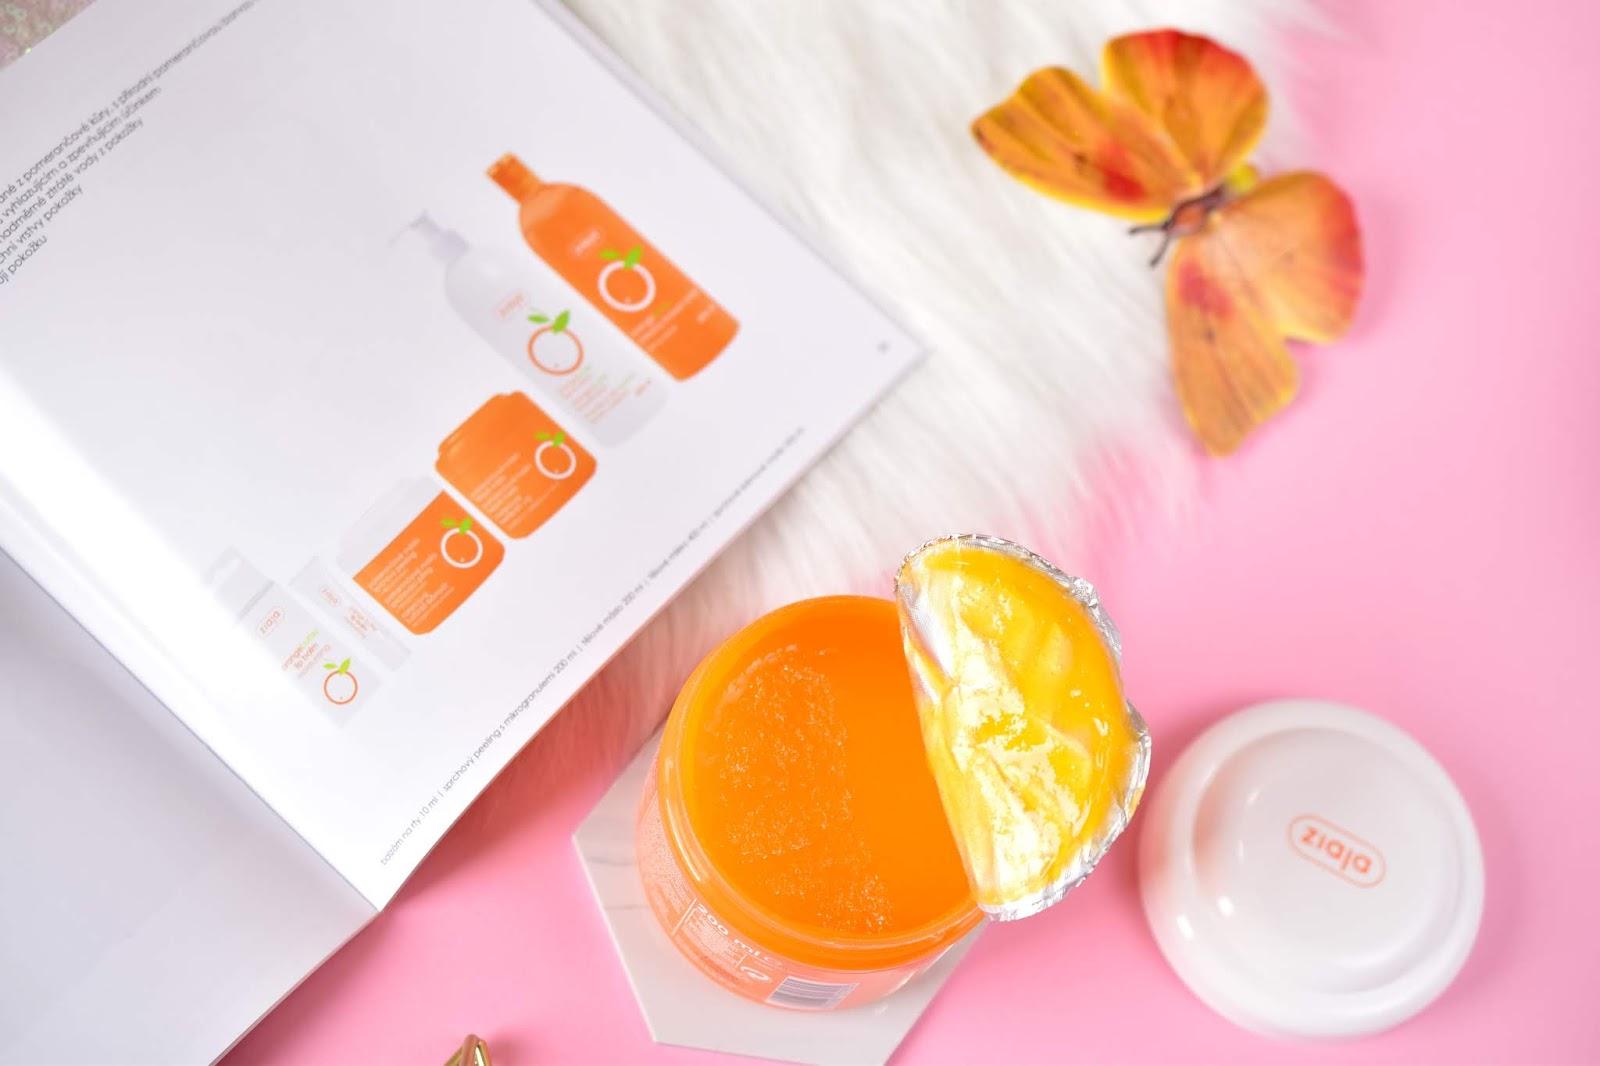 Ziaja Sprchový peeling pomarančové maslo